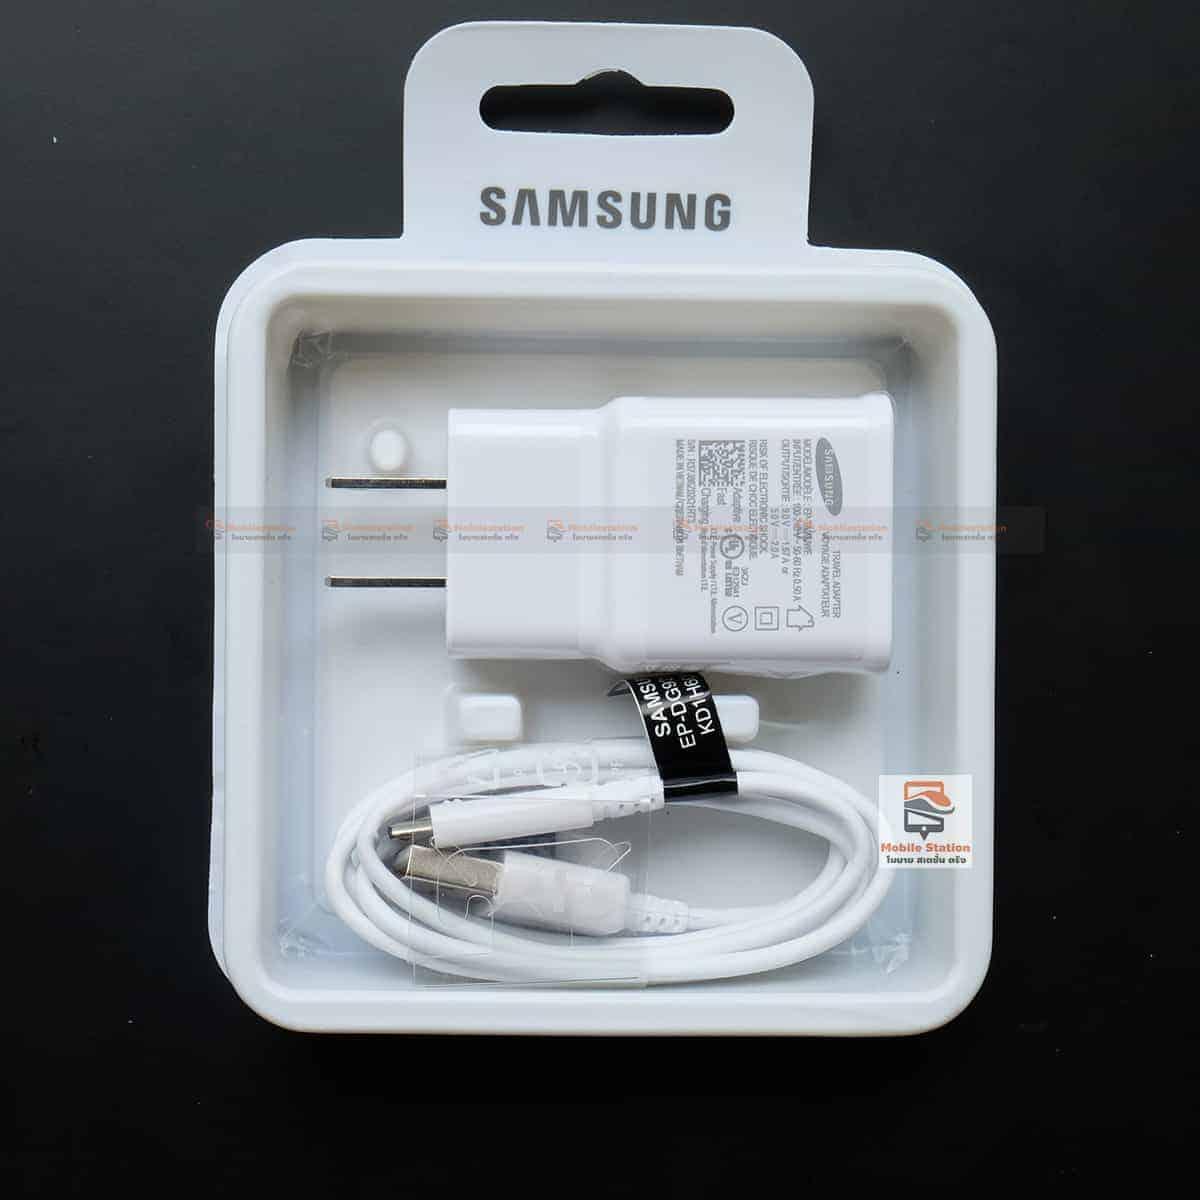 ที่ชาร์จแบต Samsung Travel Adapter Fast Charge 3